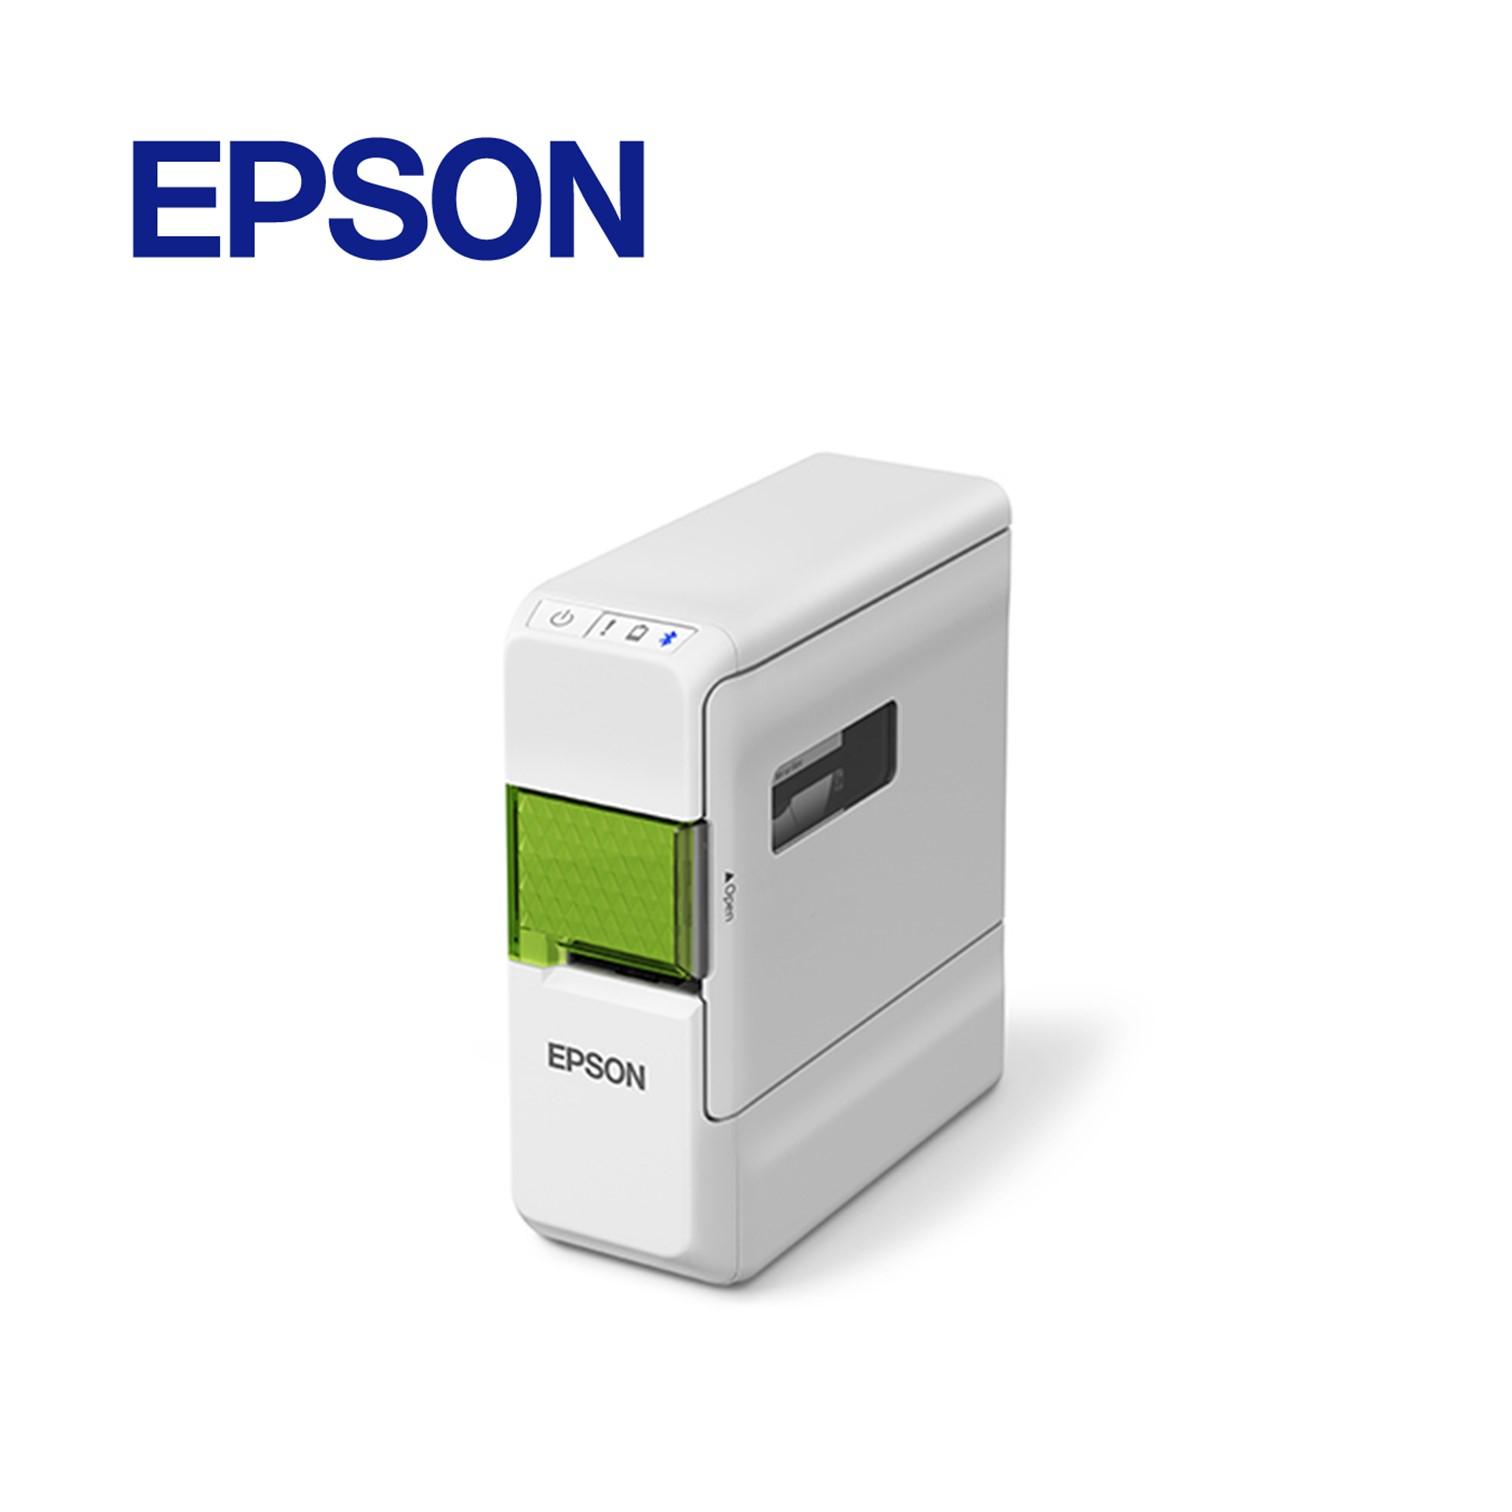 愛普生EPSON LW-C410 文創風藍牙手寫標籤機 LW-C410